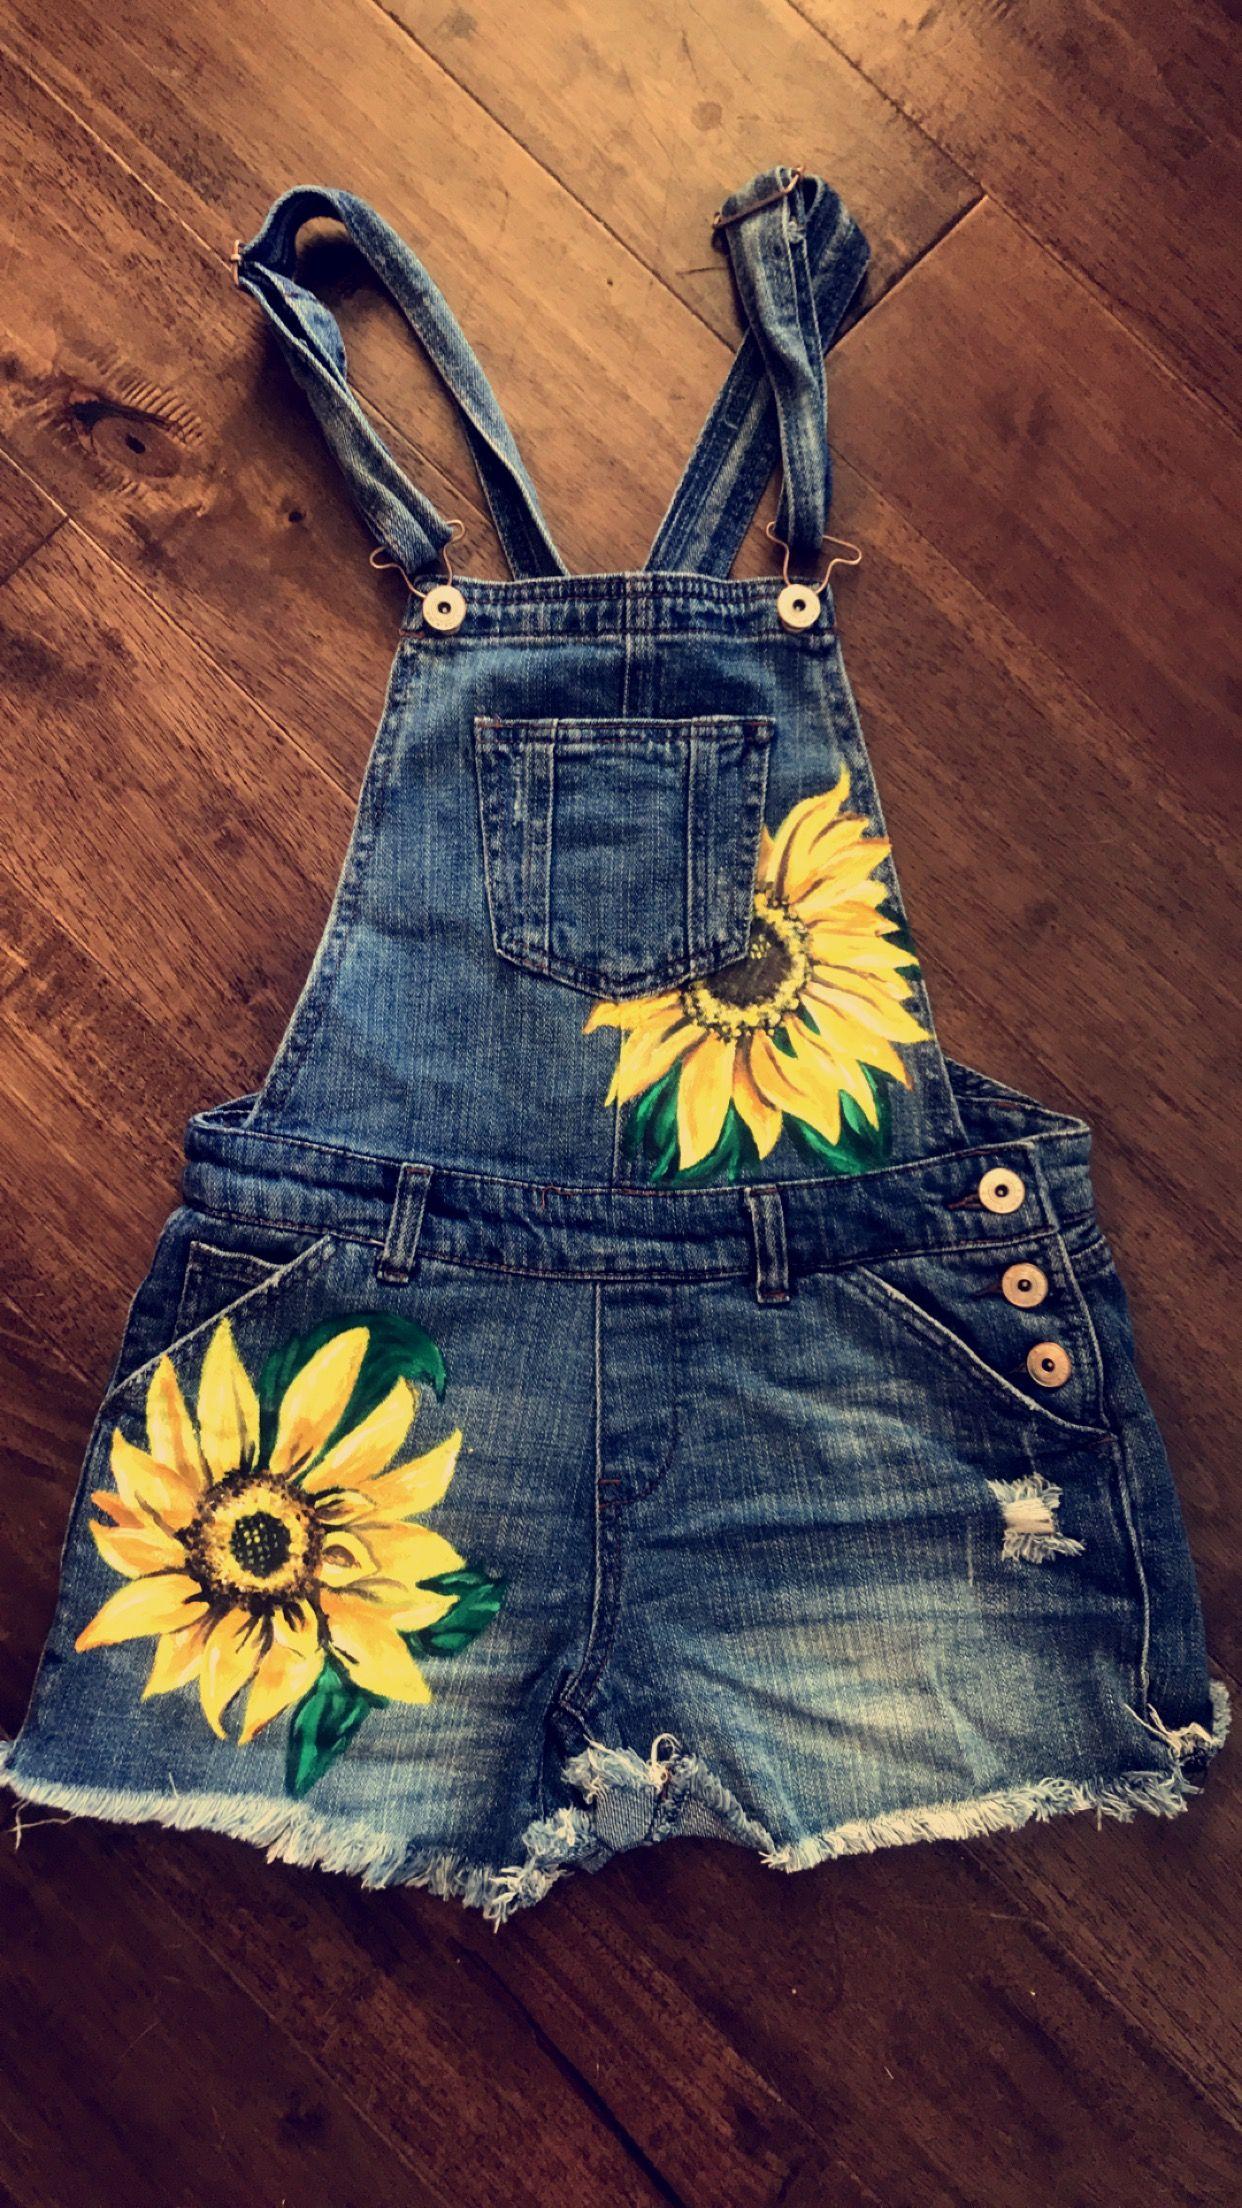 Karamaxwellart Hand Painted Sunflowers on Denim Overalls